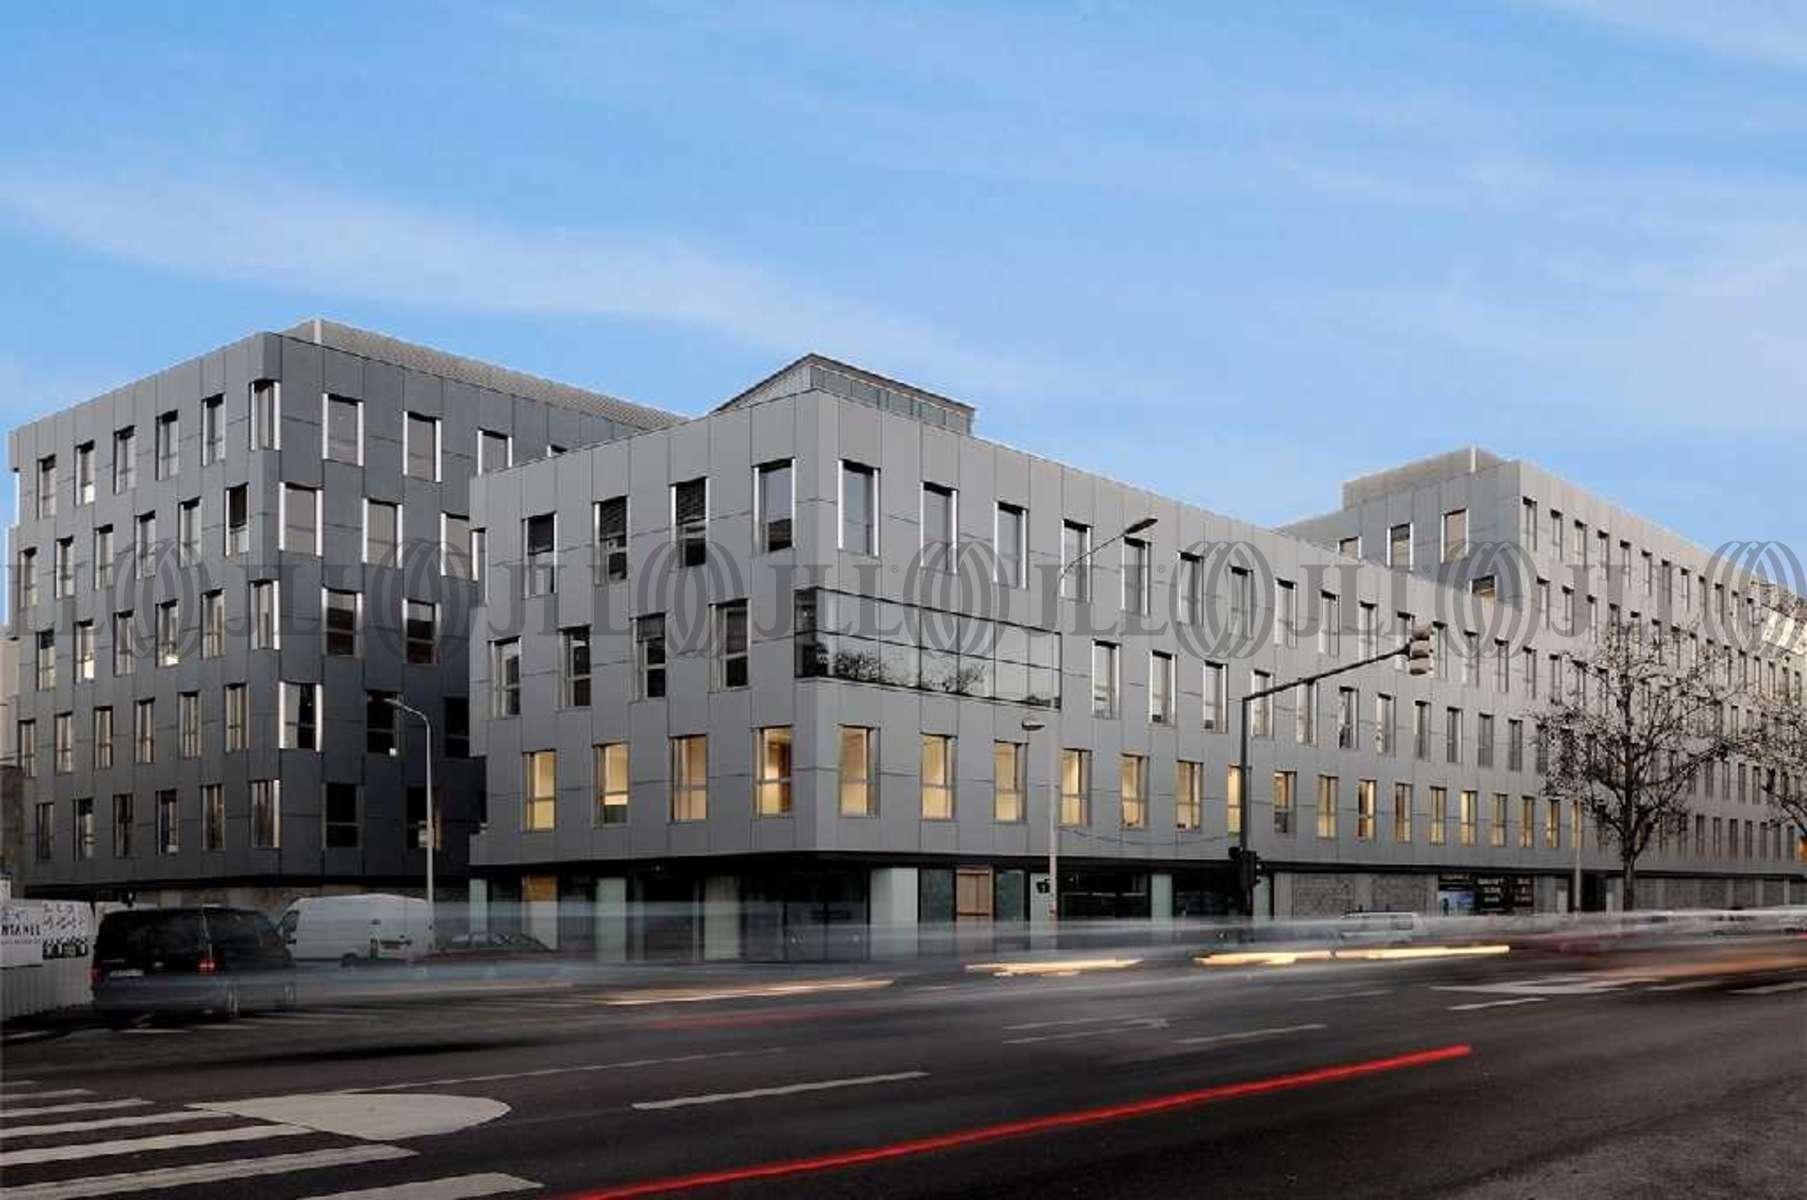 Location Bureaux lyon 8me arrondissement 69008 JLL